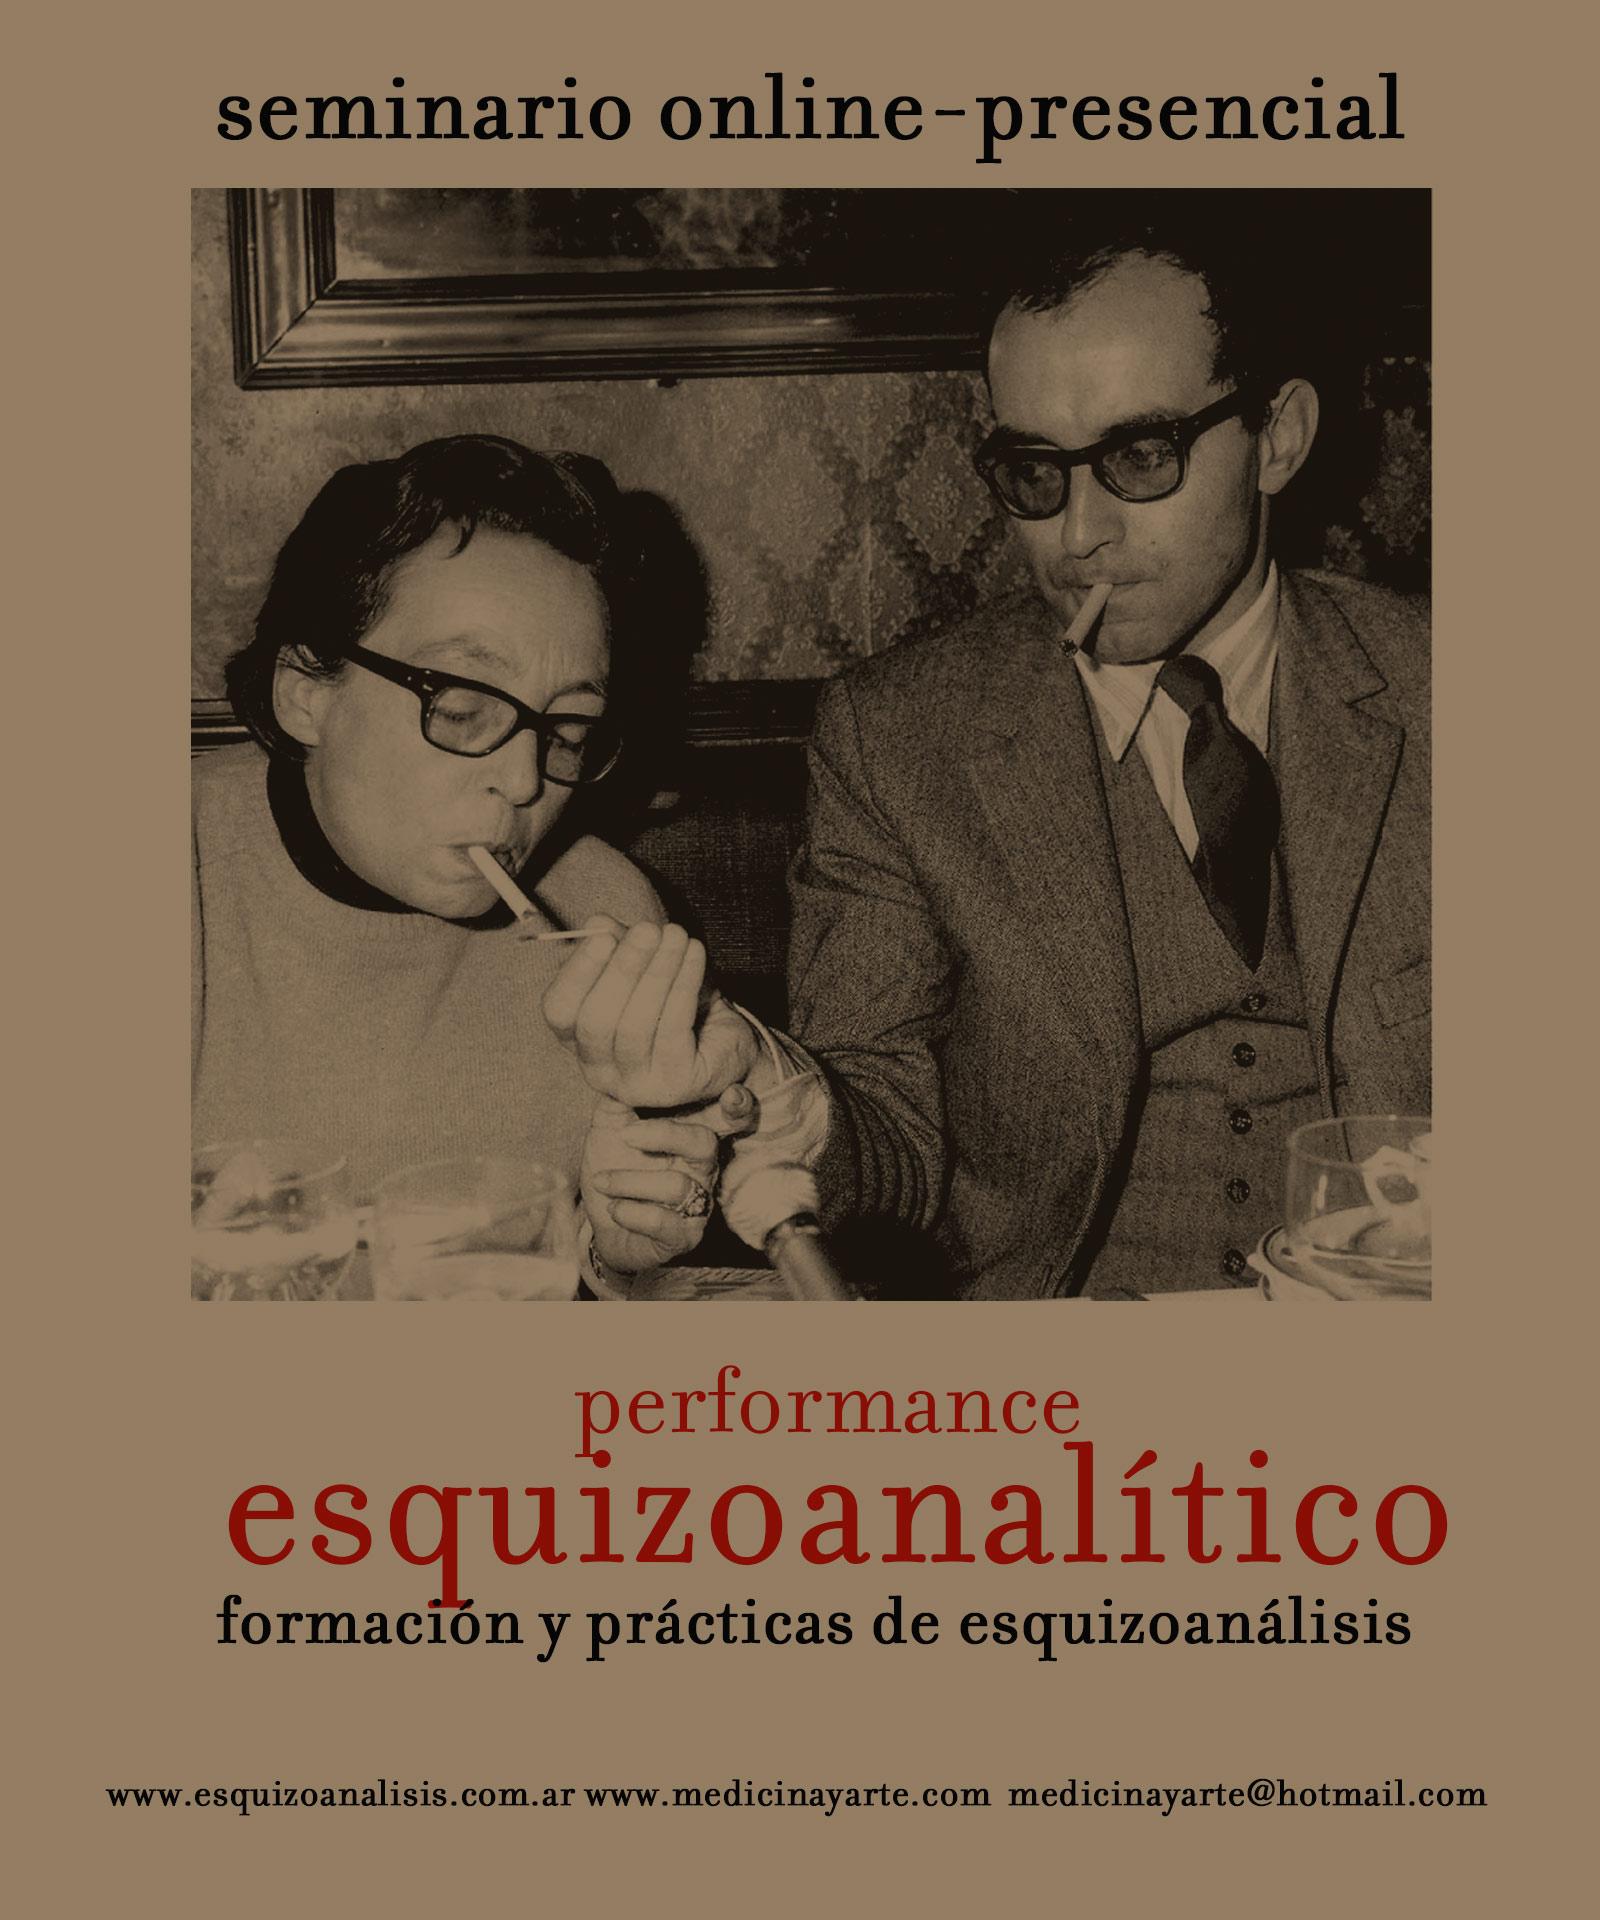 http://medicinayarte.com/img/performance-esquizoanalitico-3.jpg